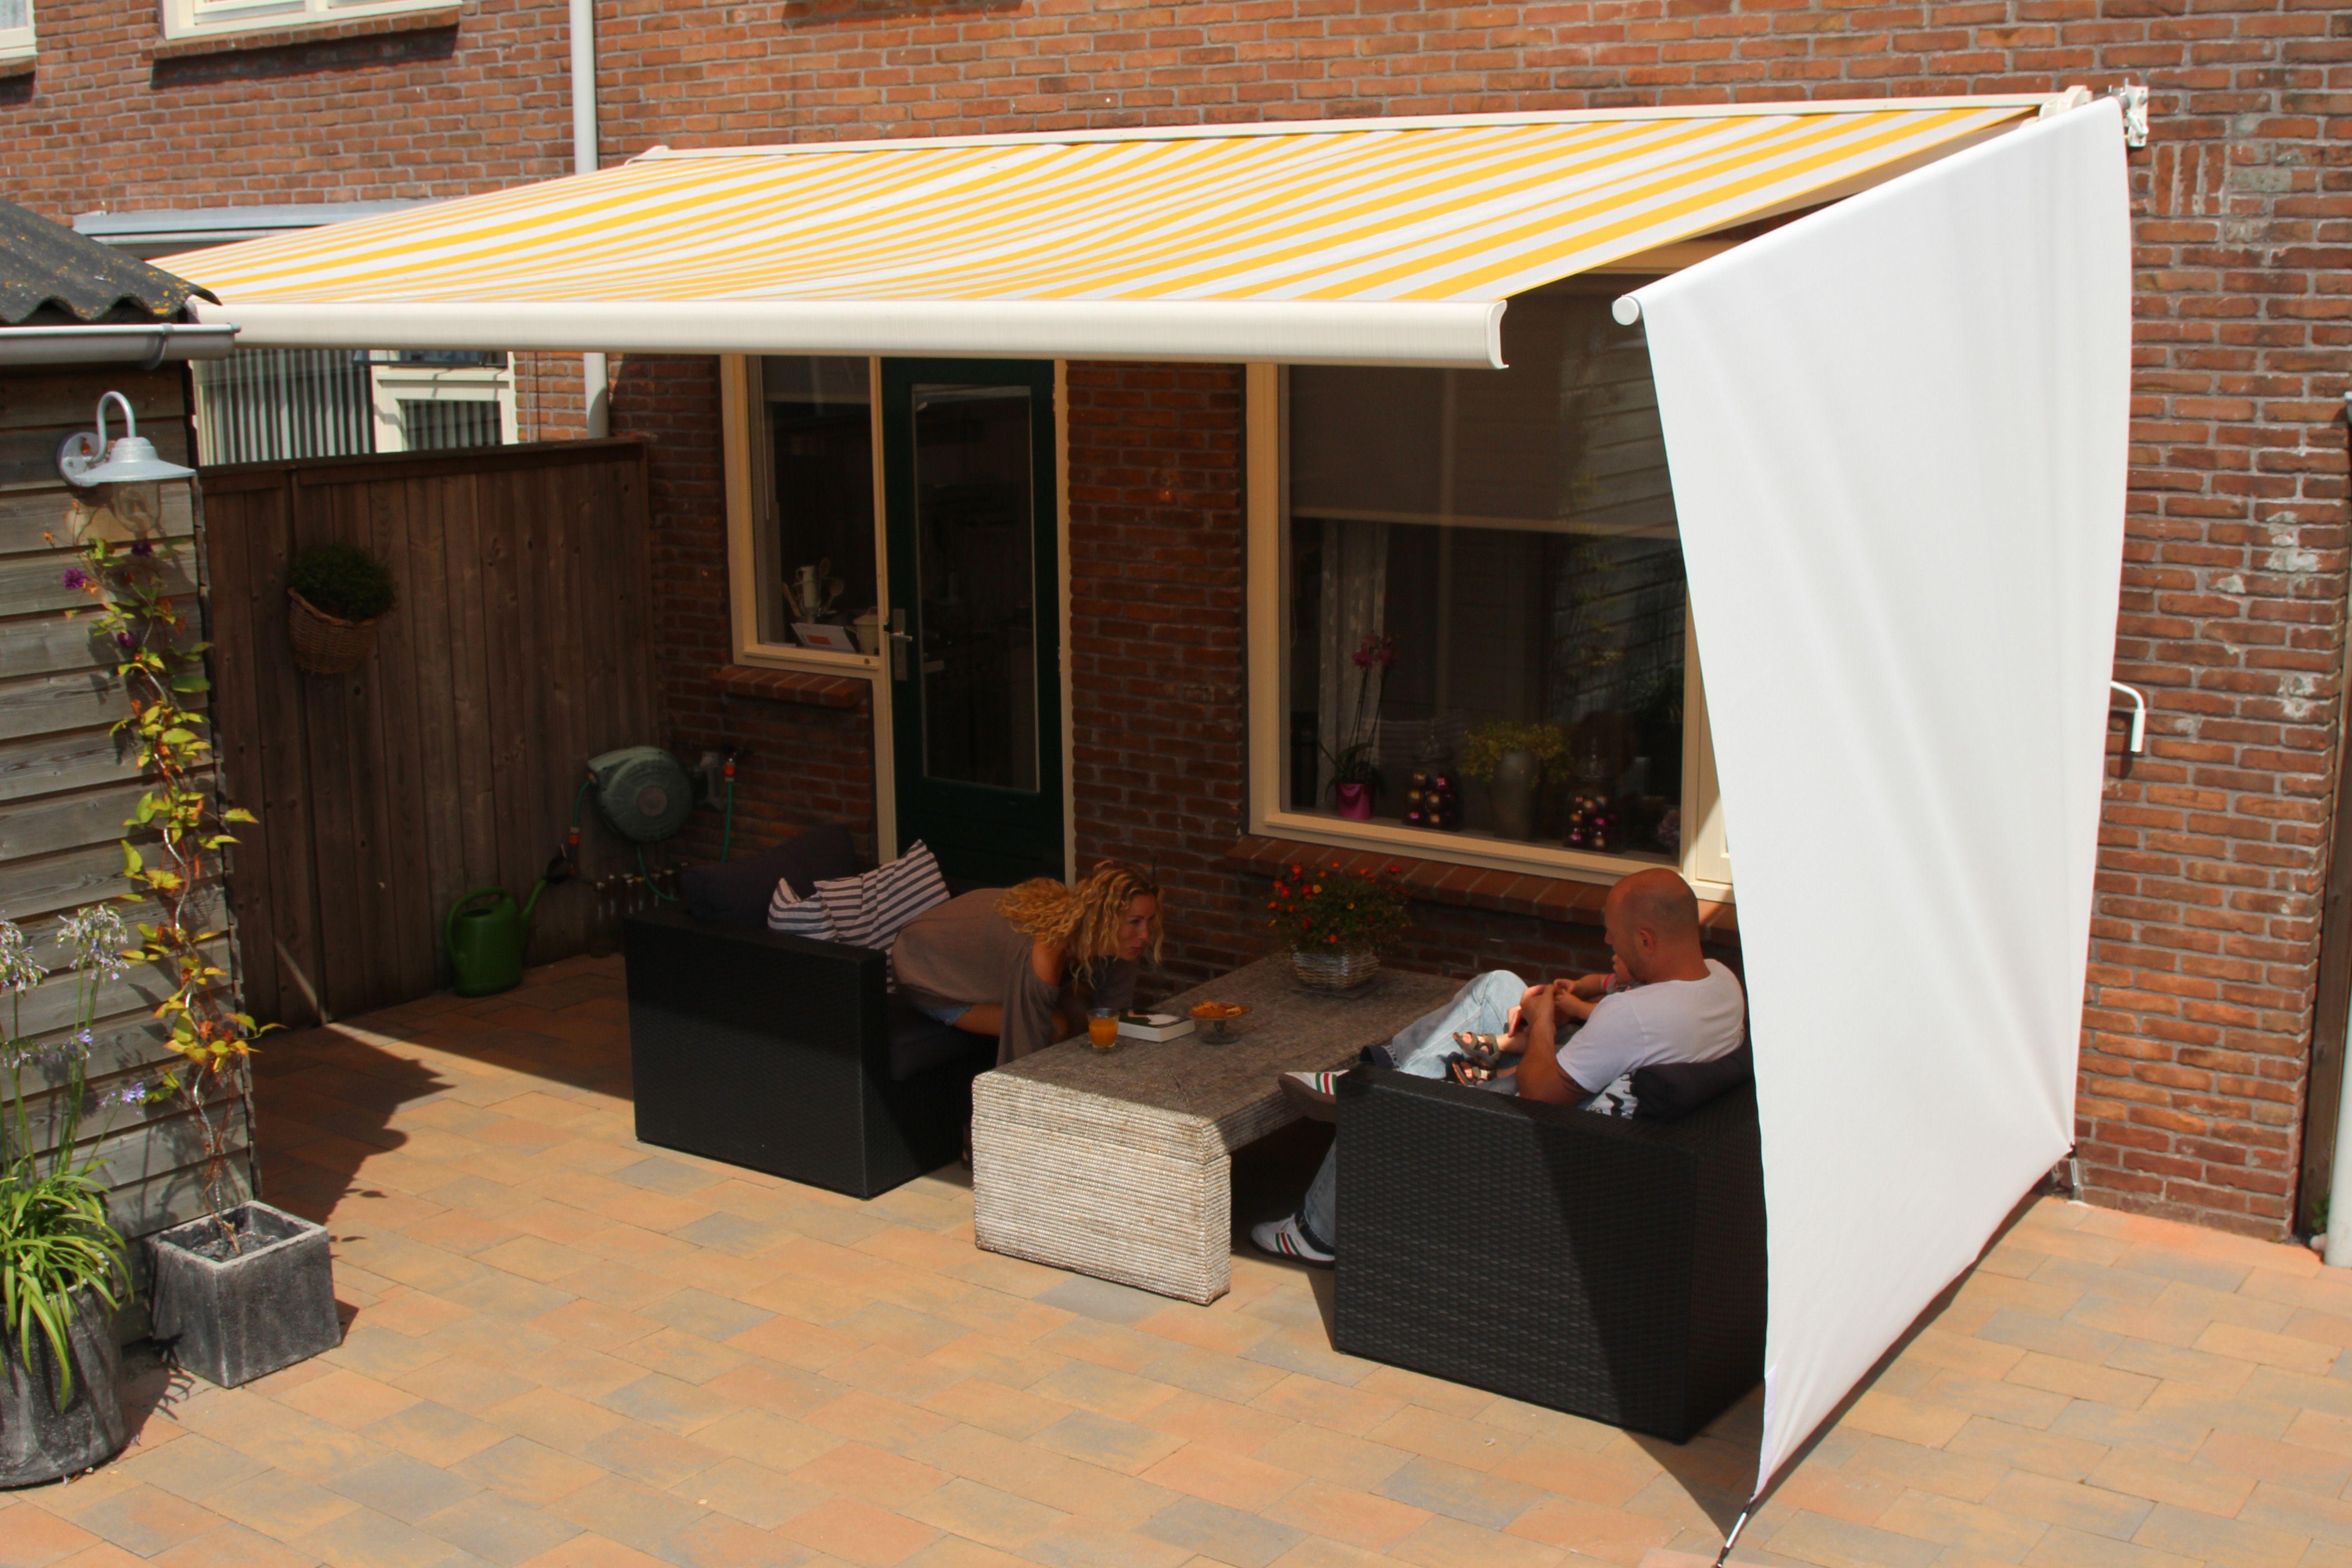 Skuggi voorkomt dat zonnestralen via de zijkant naar binnen schijnen en beschermt tegen de wind.  Bestel eenvoudig op http://www.skuggi.nl